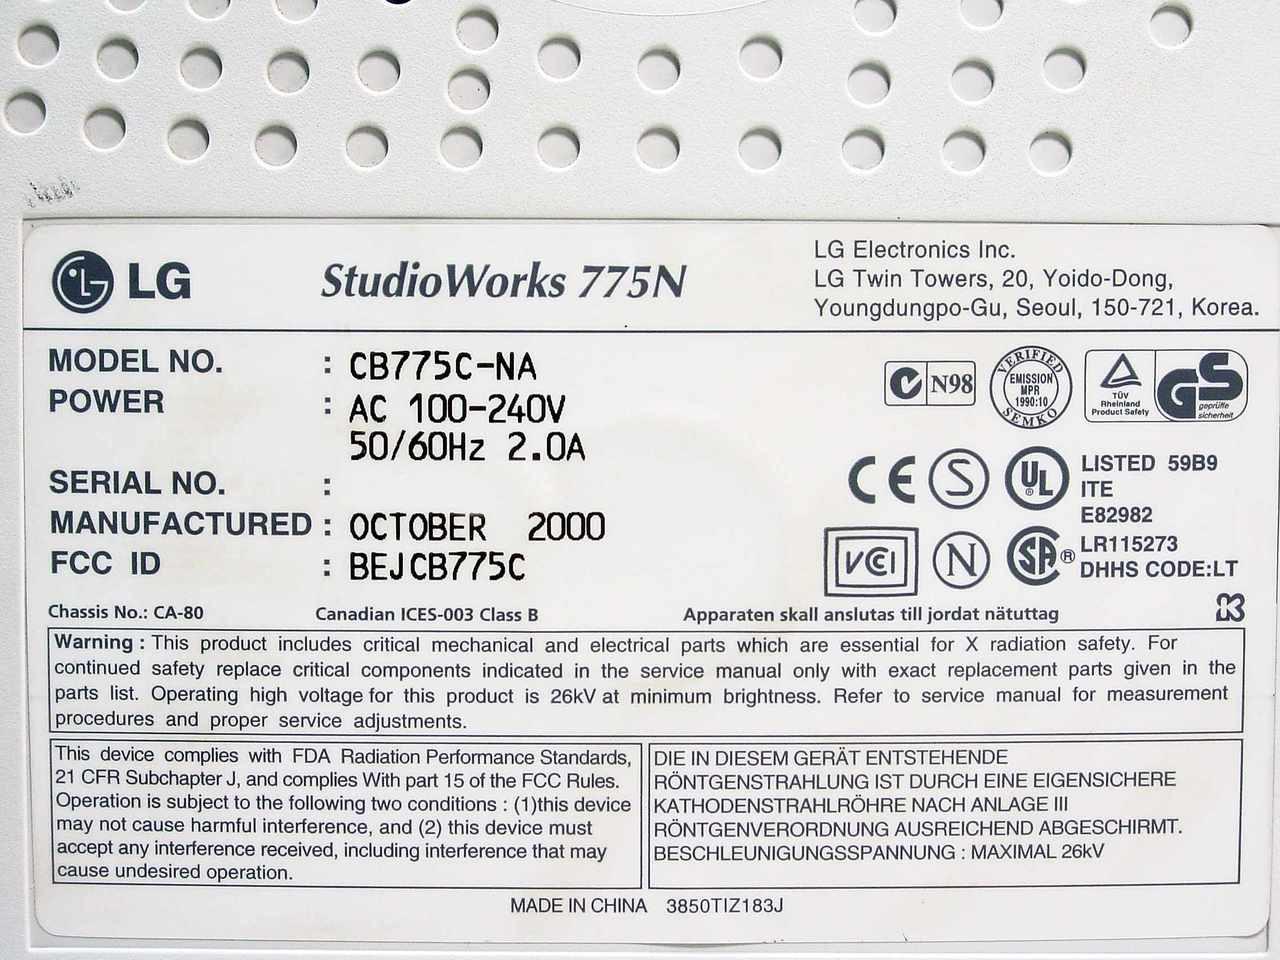 LG Electronics Inc  CB775C-NA LG Studioworks 775N 15